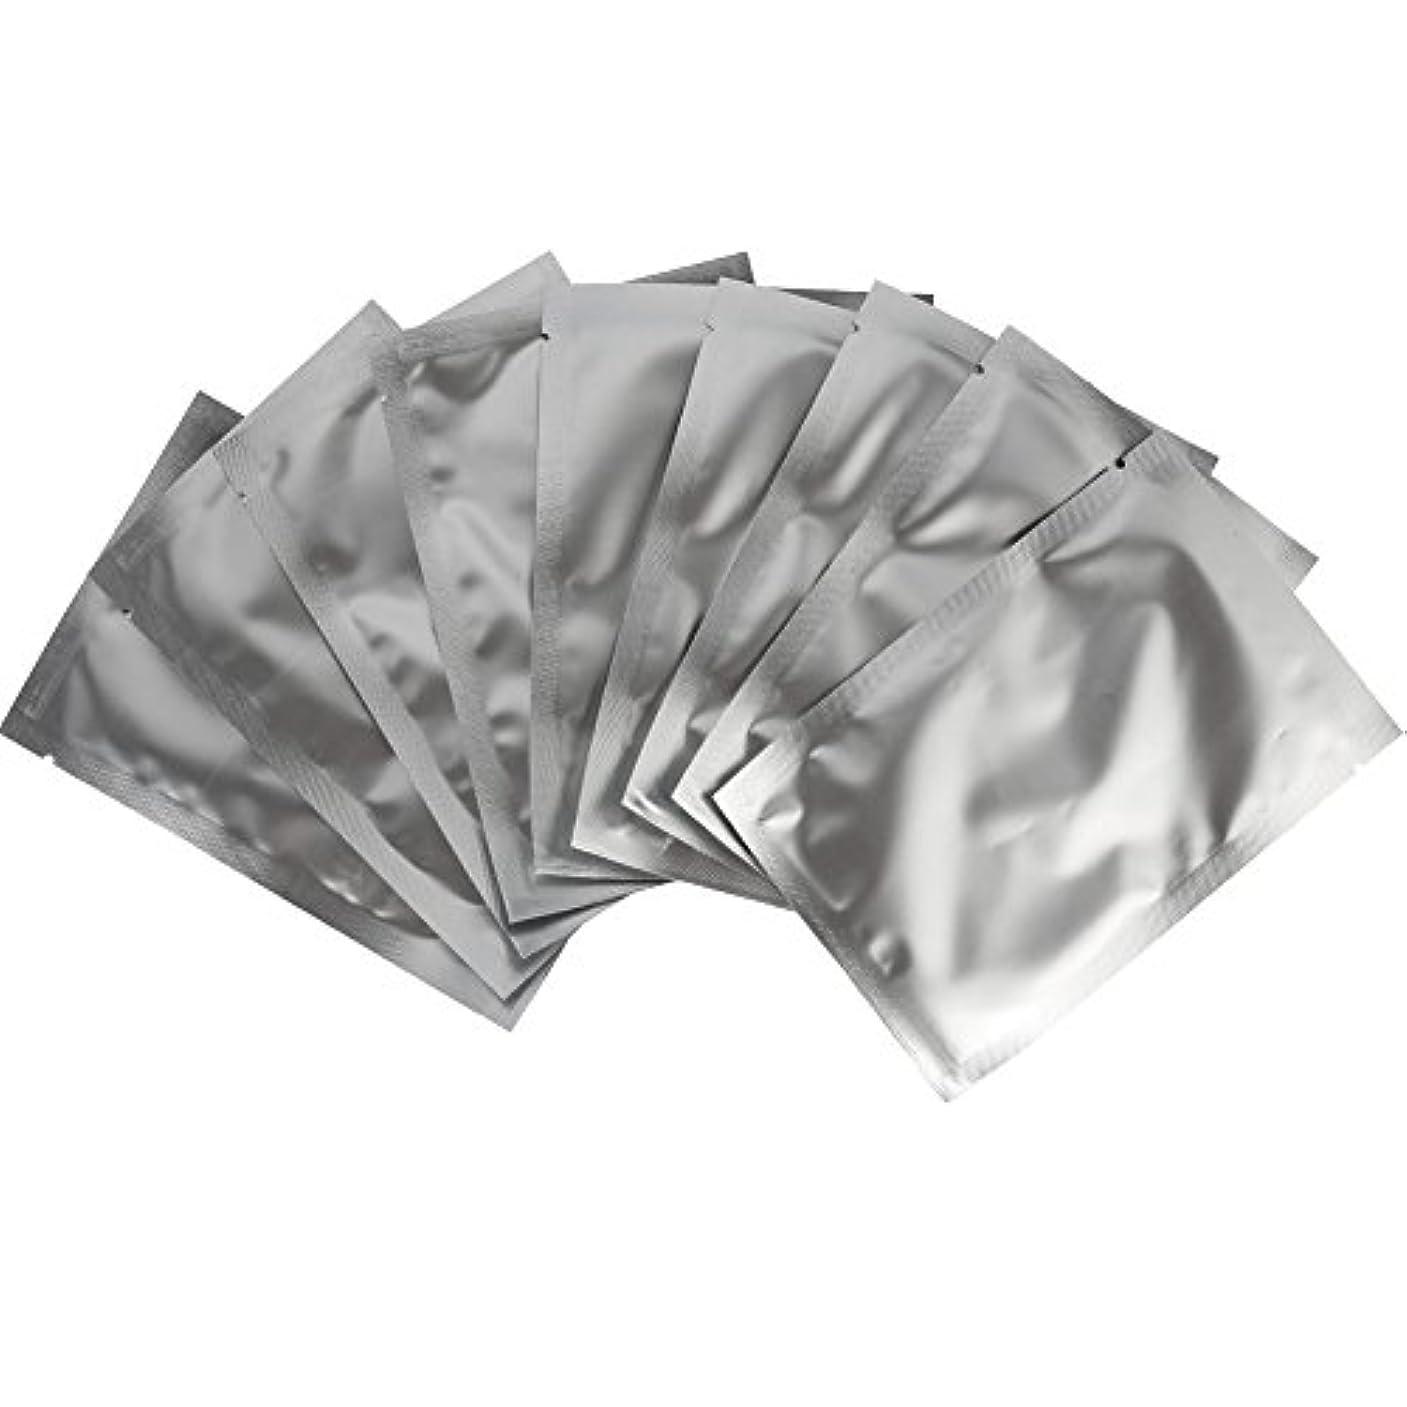 シンポジウムアプライアンス寝具10PCSしわパッチ、抗しわ抗フェイスマスクパッチライン保湿肌修理粘着パッド